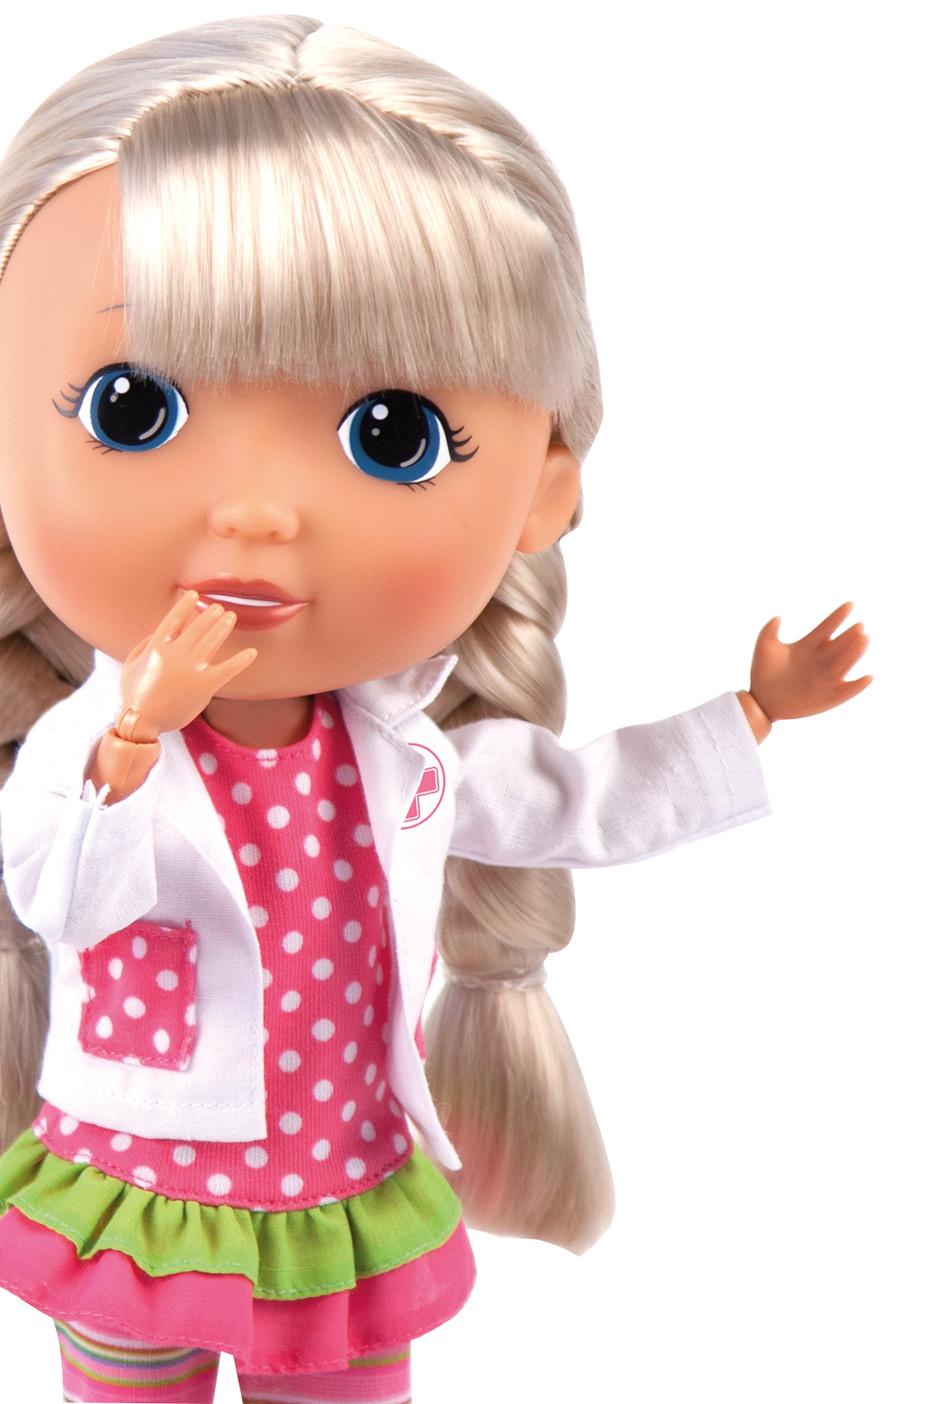 Игровой набор с куклой Bayer Design Кукла Лиза-лучший друг - доктор, 9360341 игровой набор с куклой bayer design 9387700